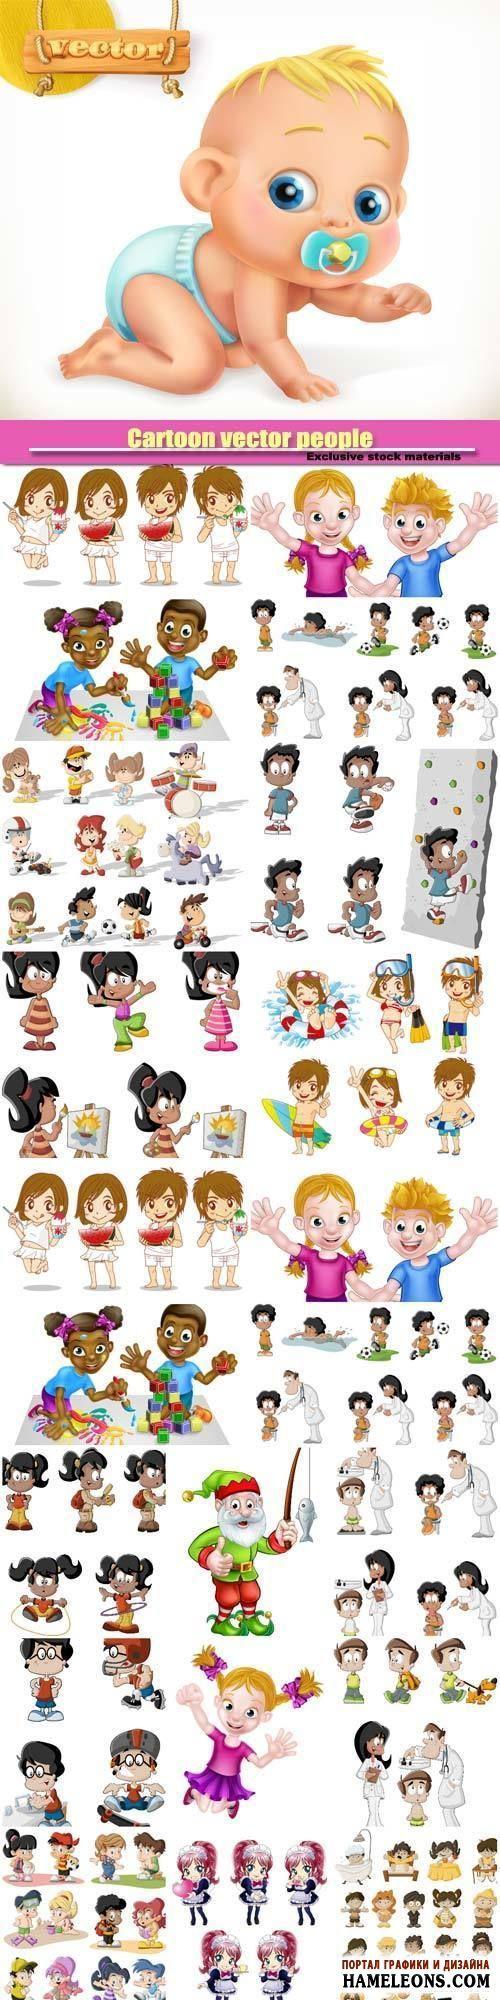 Веселые мальчики, девочки - иллюстрации детей в векторе | Cartoon vector people, boy and girl